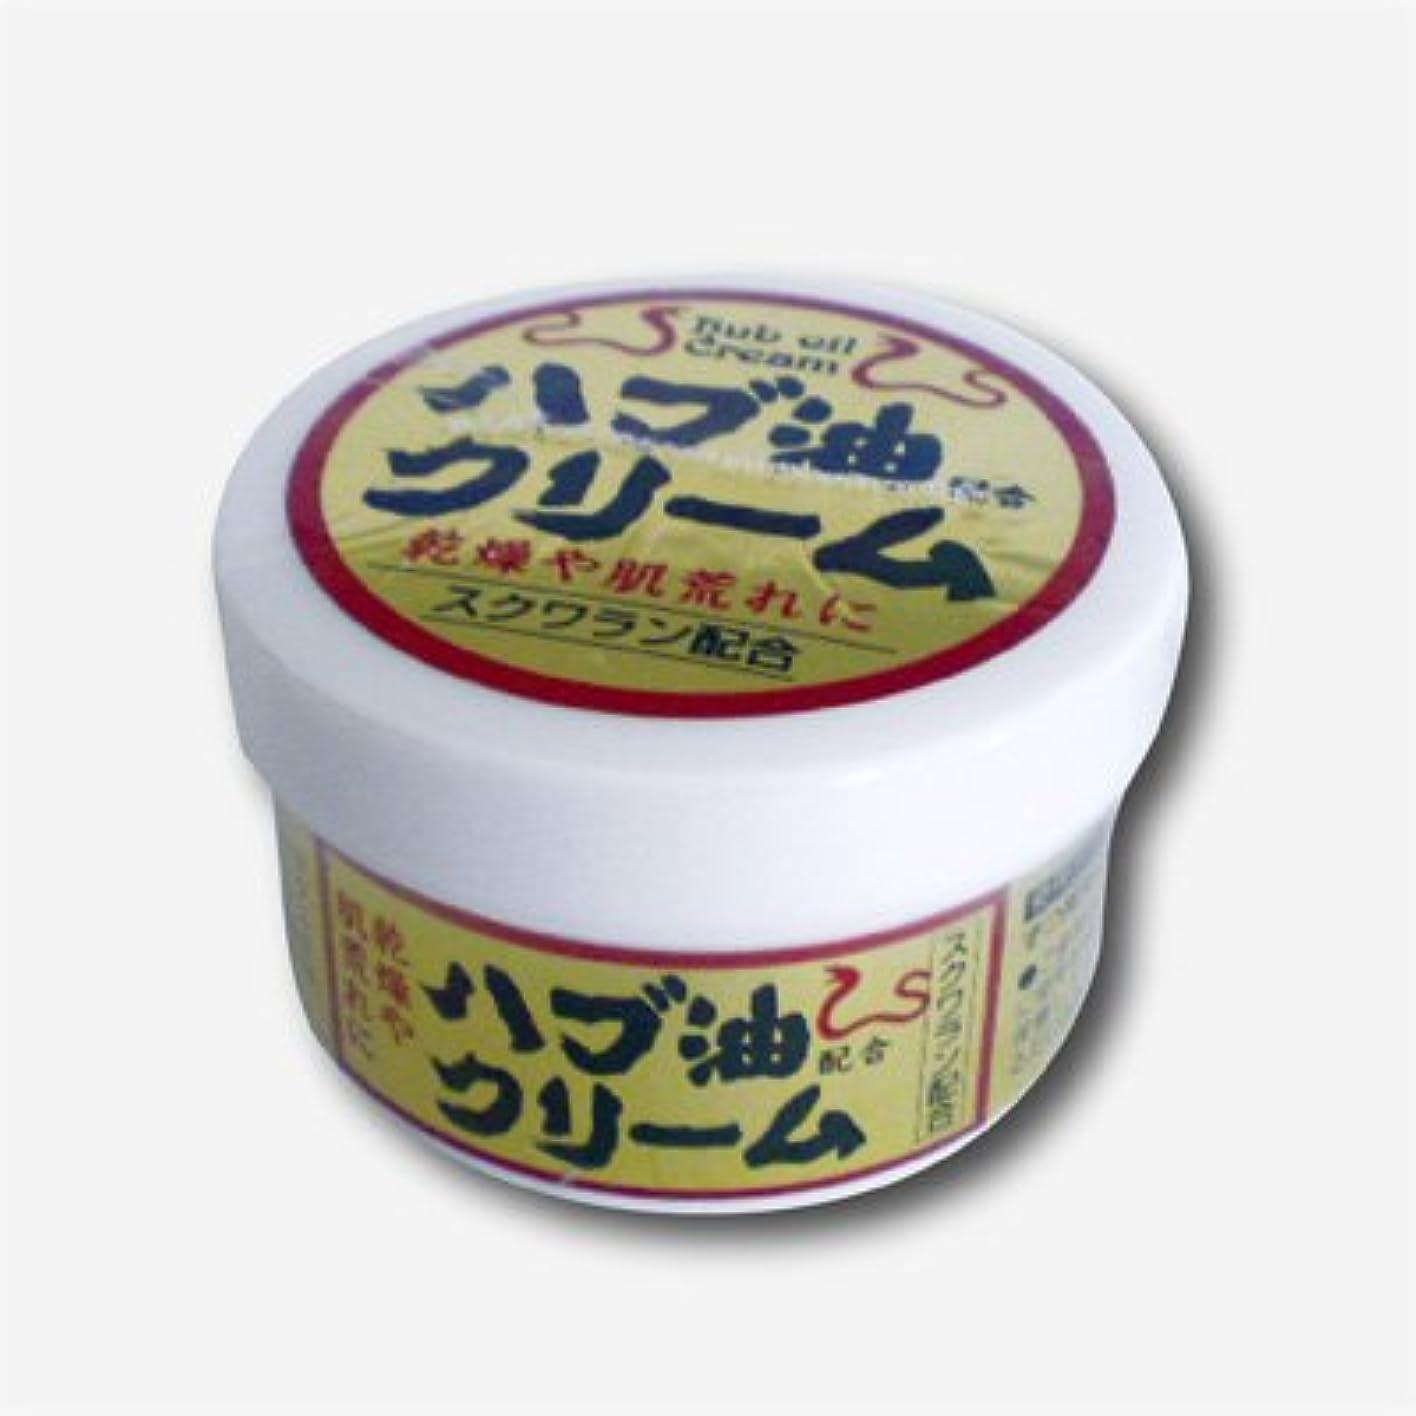 鮫蜜演じるハブ油配合クリーム 5個【1個?50g】